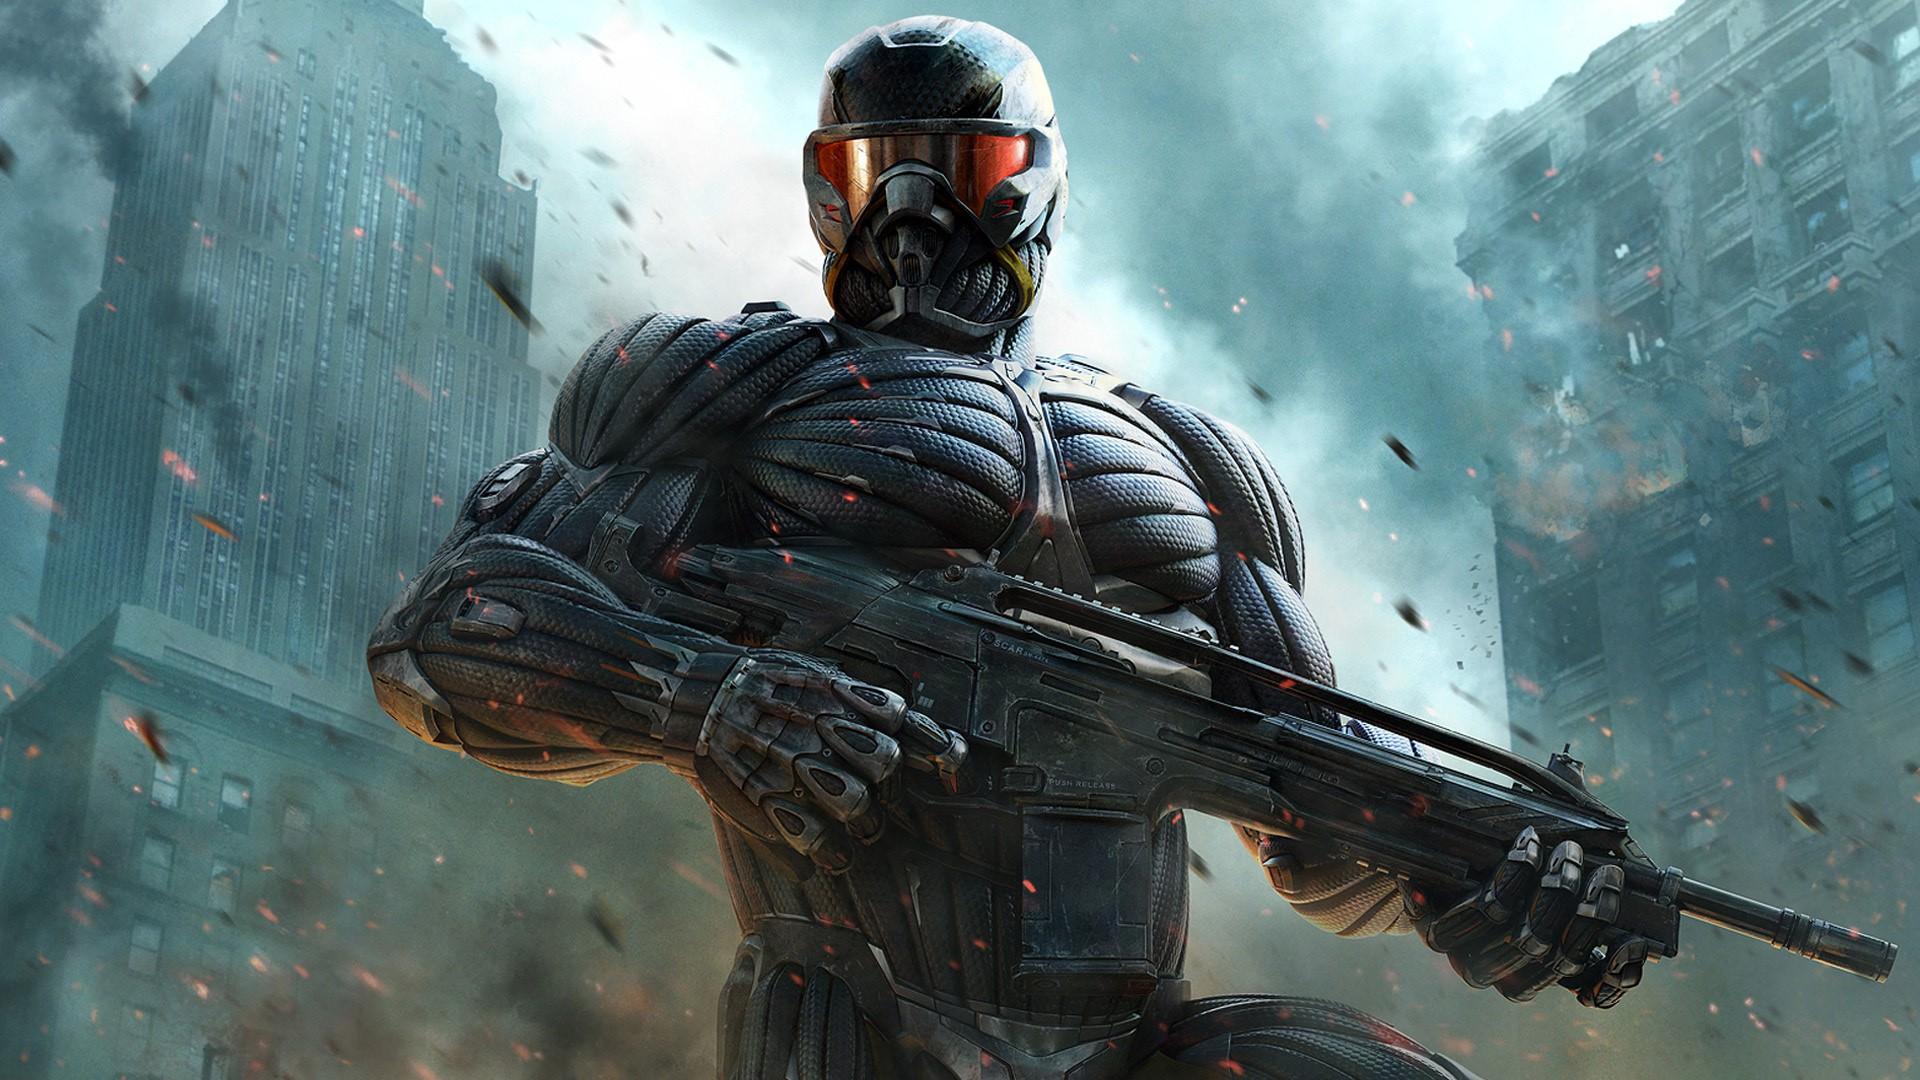 soldier, digital art, fantasy art, artwork, science fiction